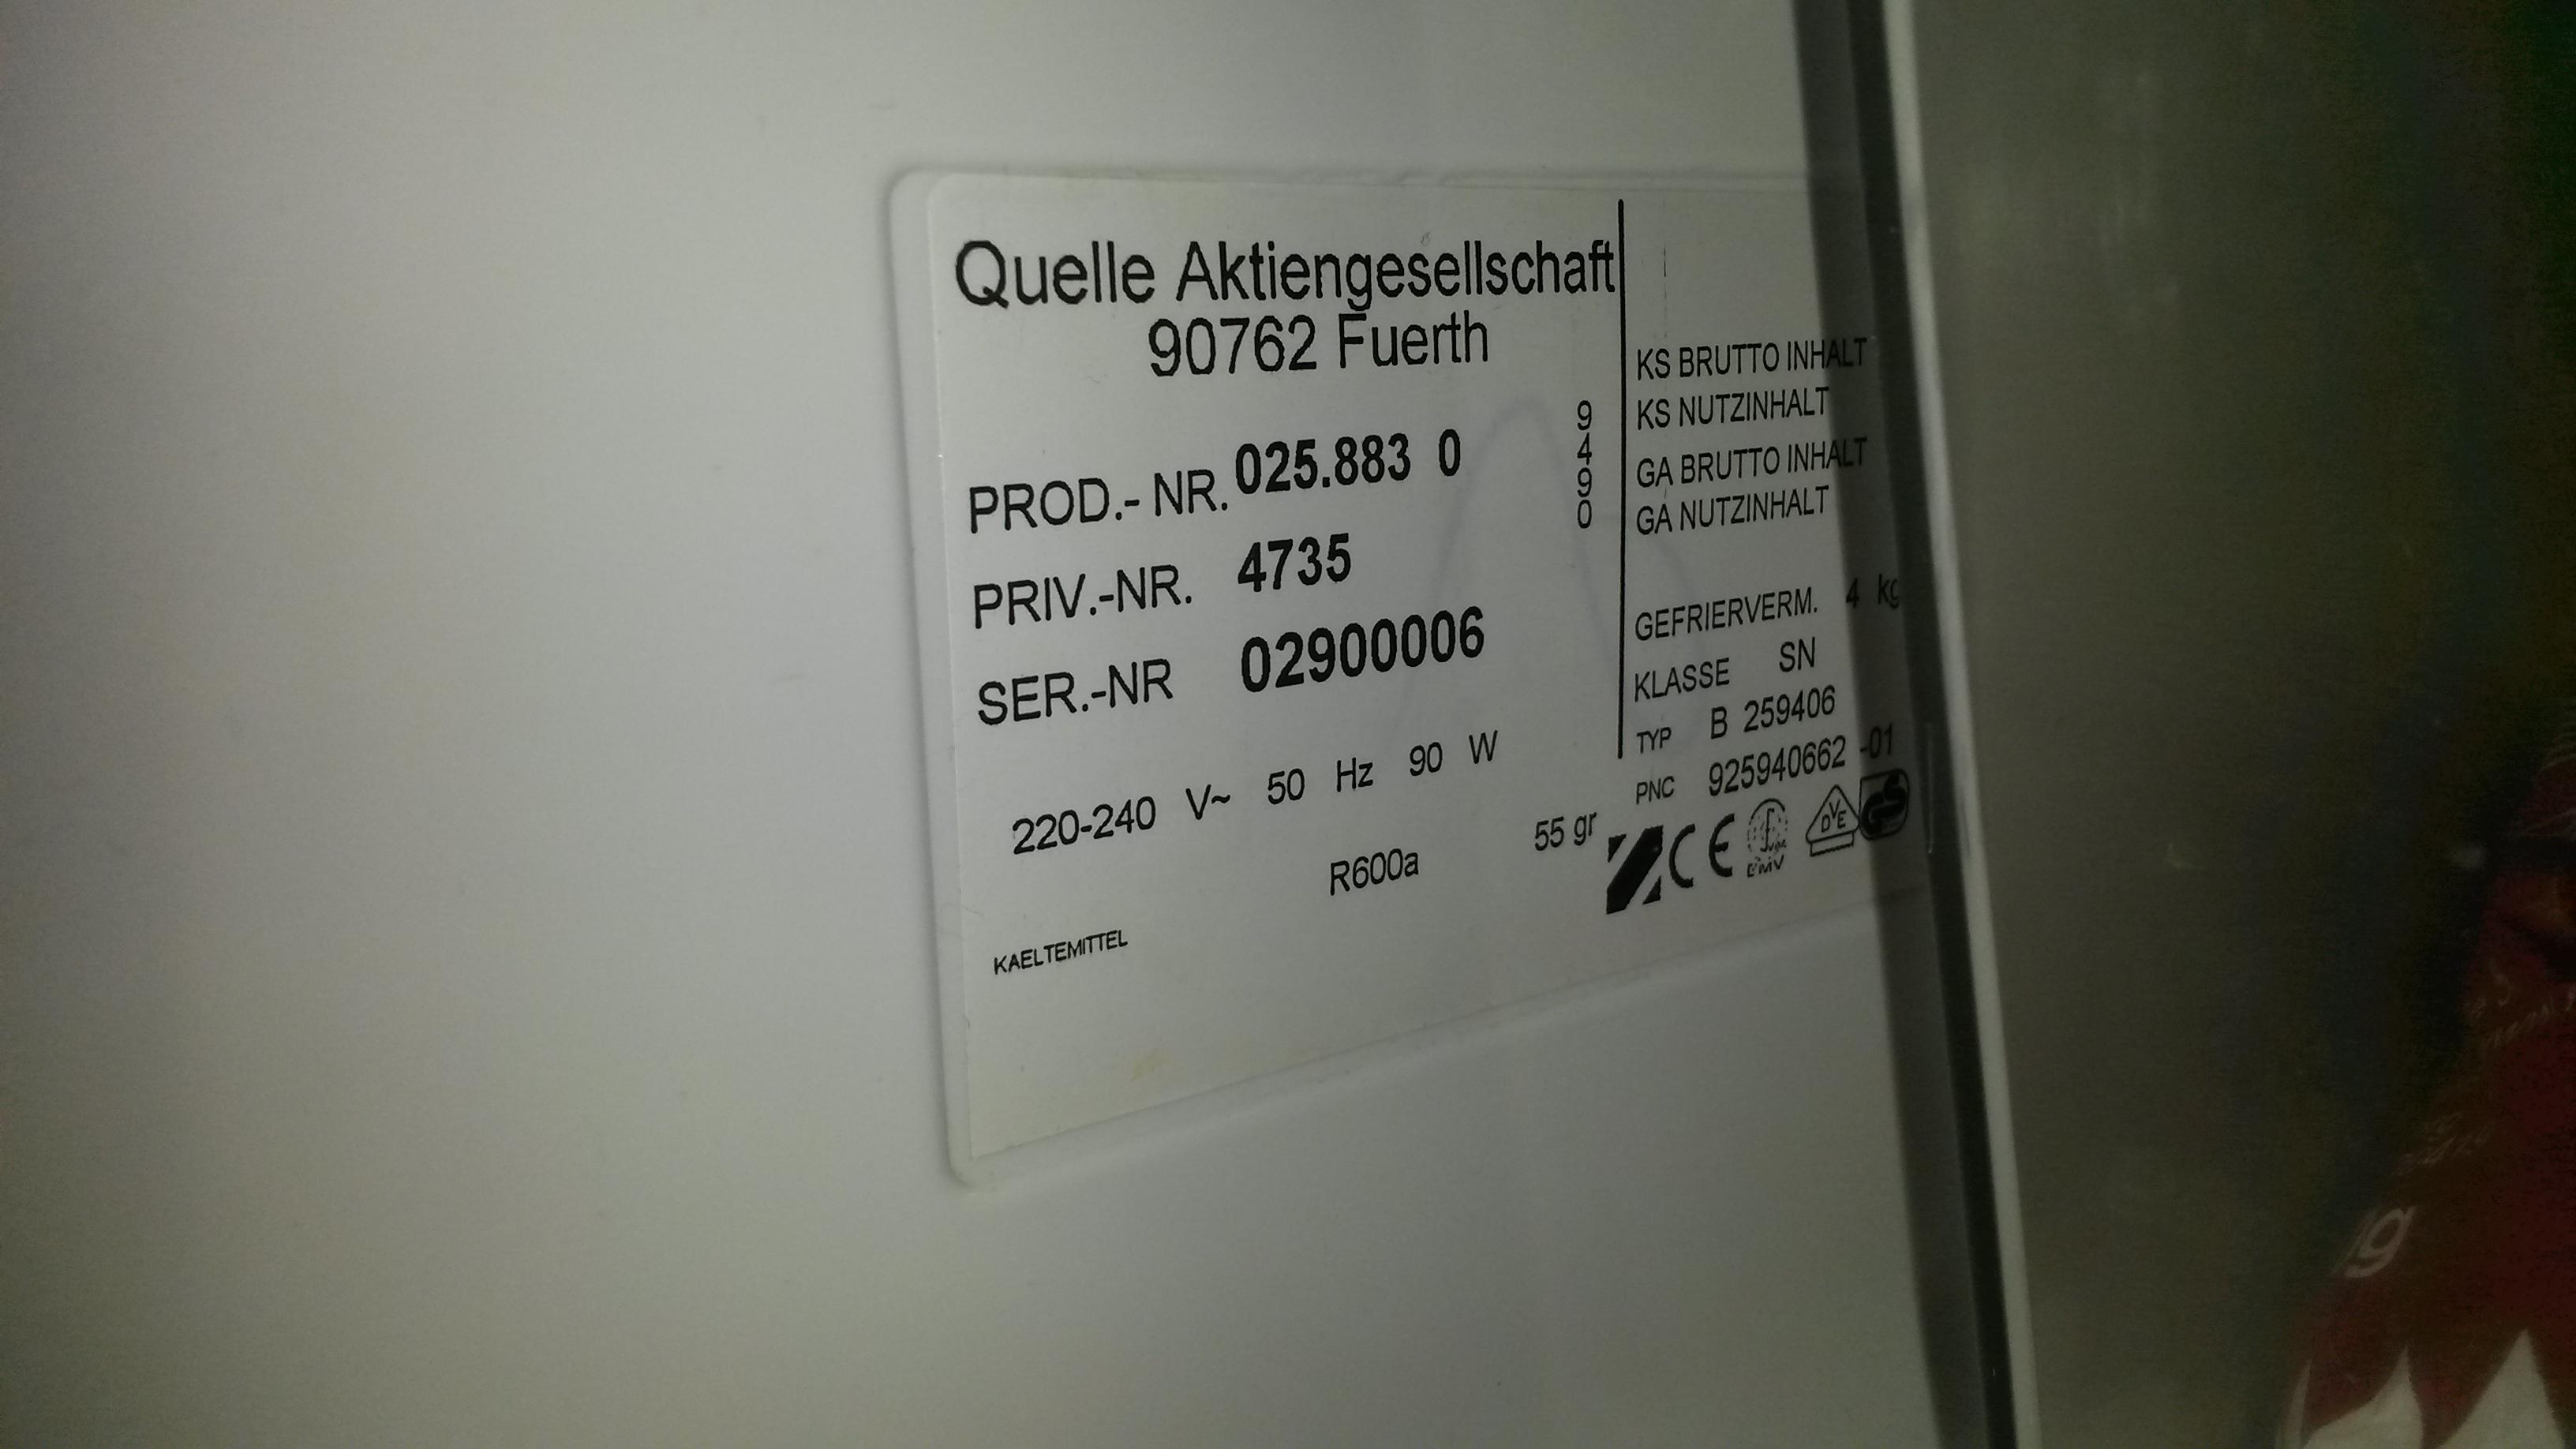 Aeg Kühlschrank Mit Gefrierfach Bedienungsanleitung : Bedienungsanleitung für privileg Öko energiesparer